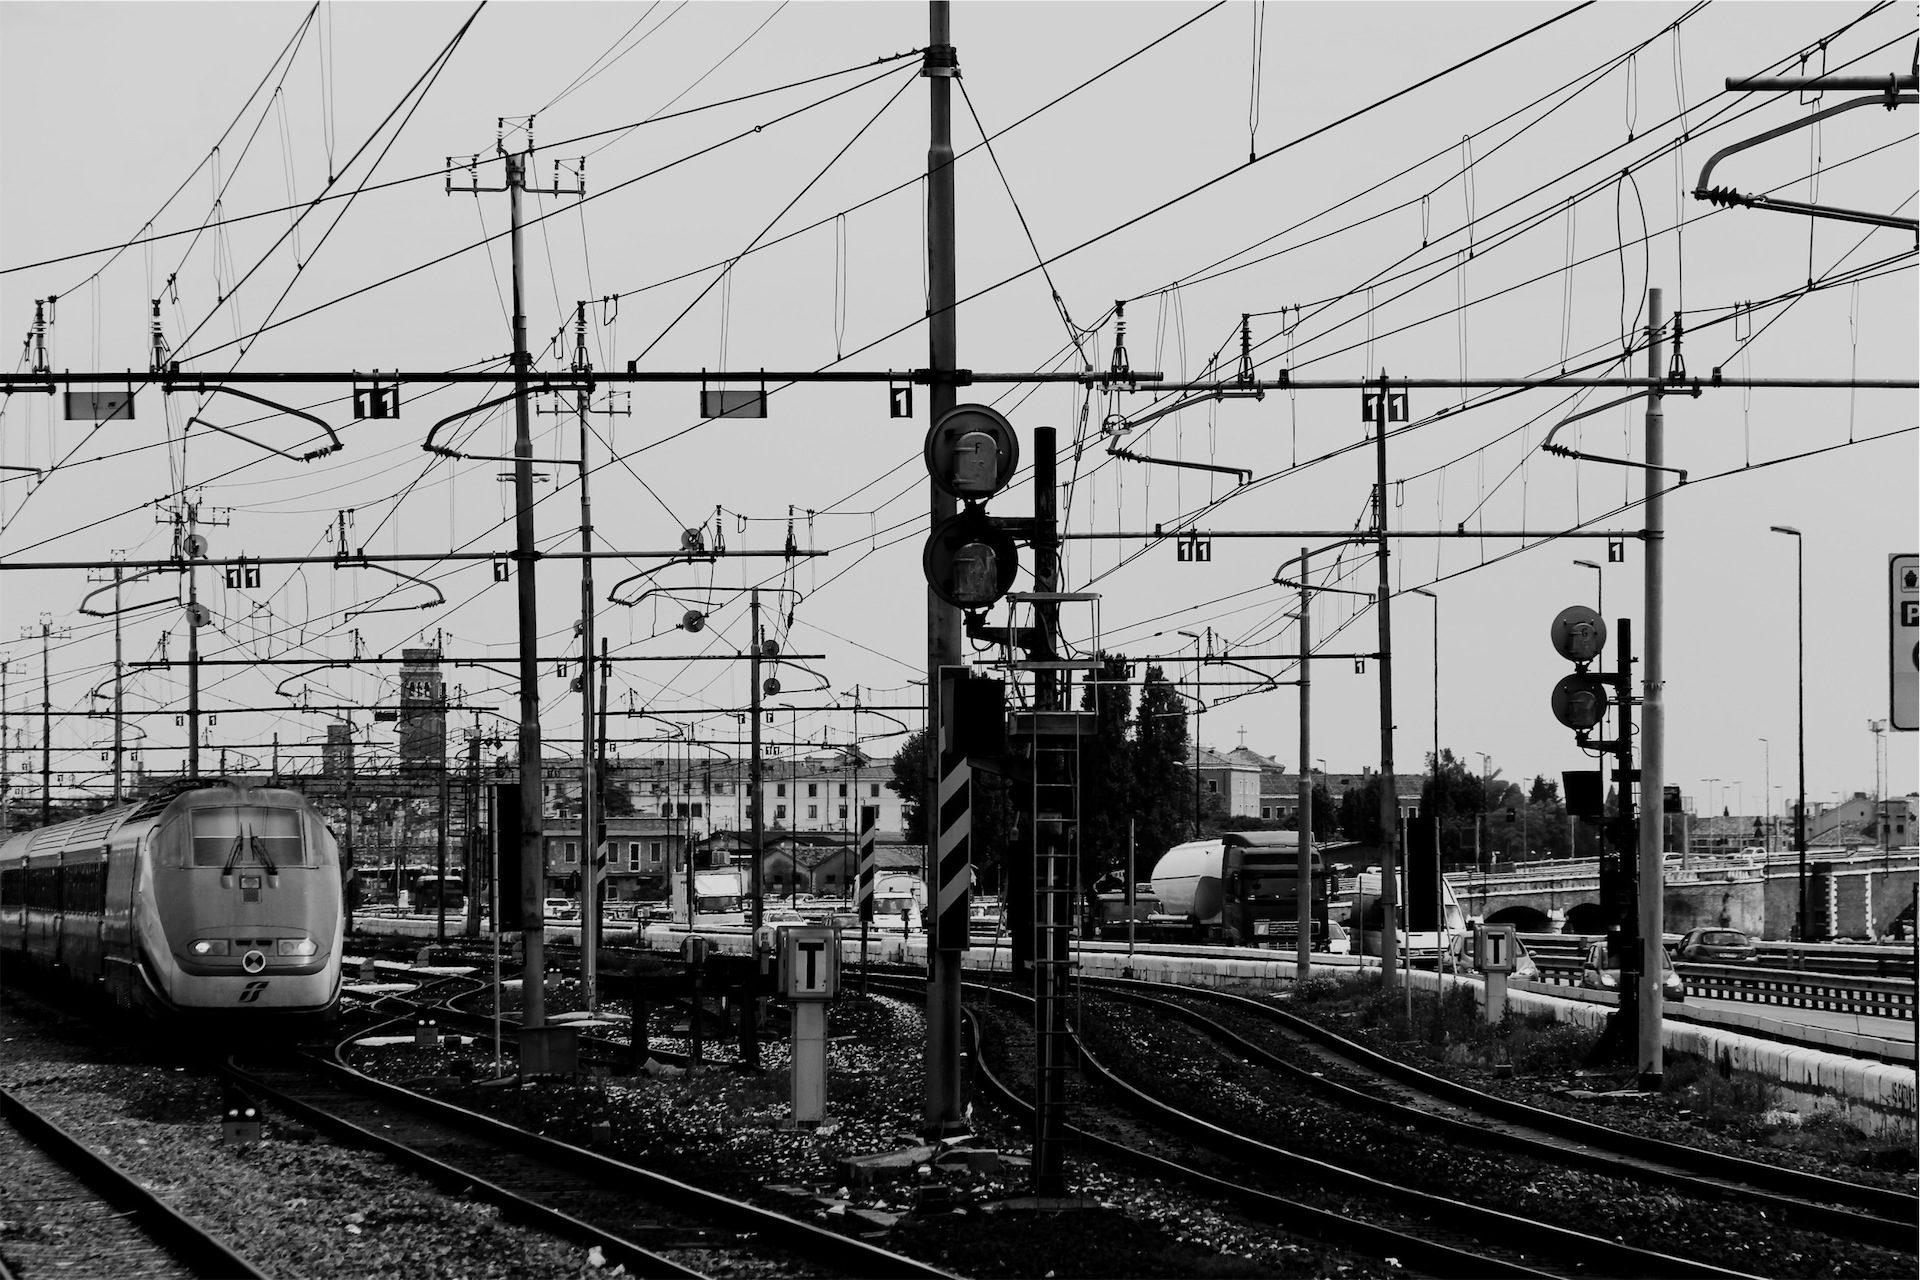 火车, 铁路, vías, catenarias, 电力 - 高清壁纸 - 教授-falken.com